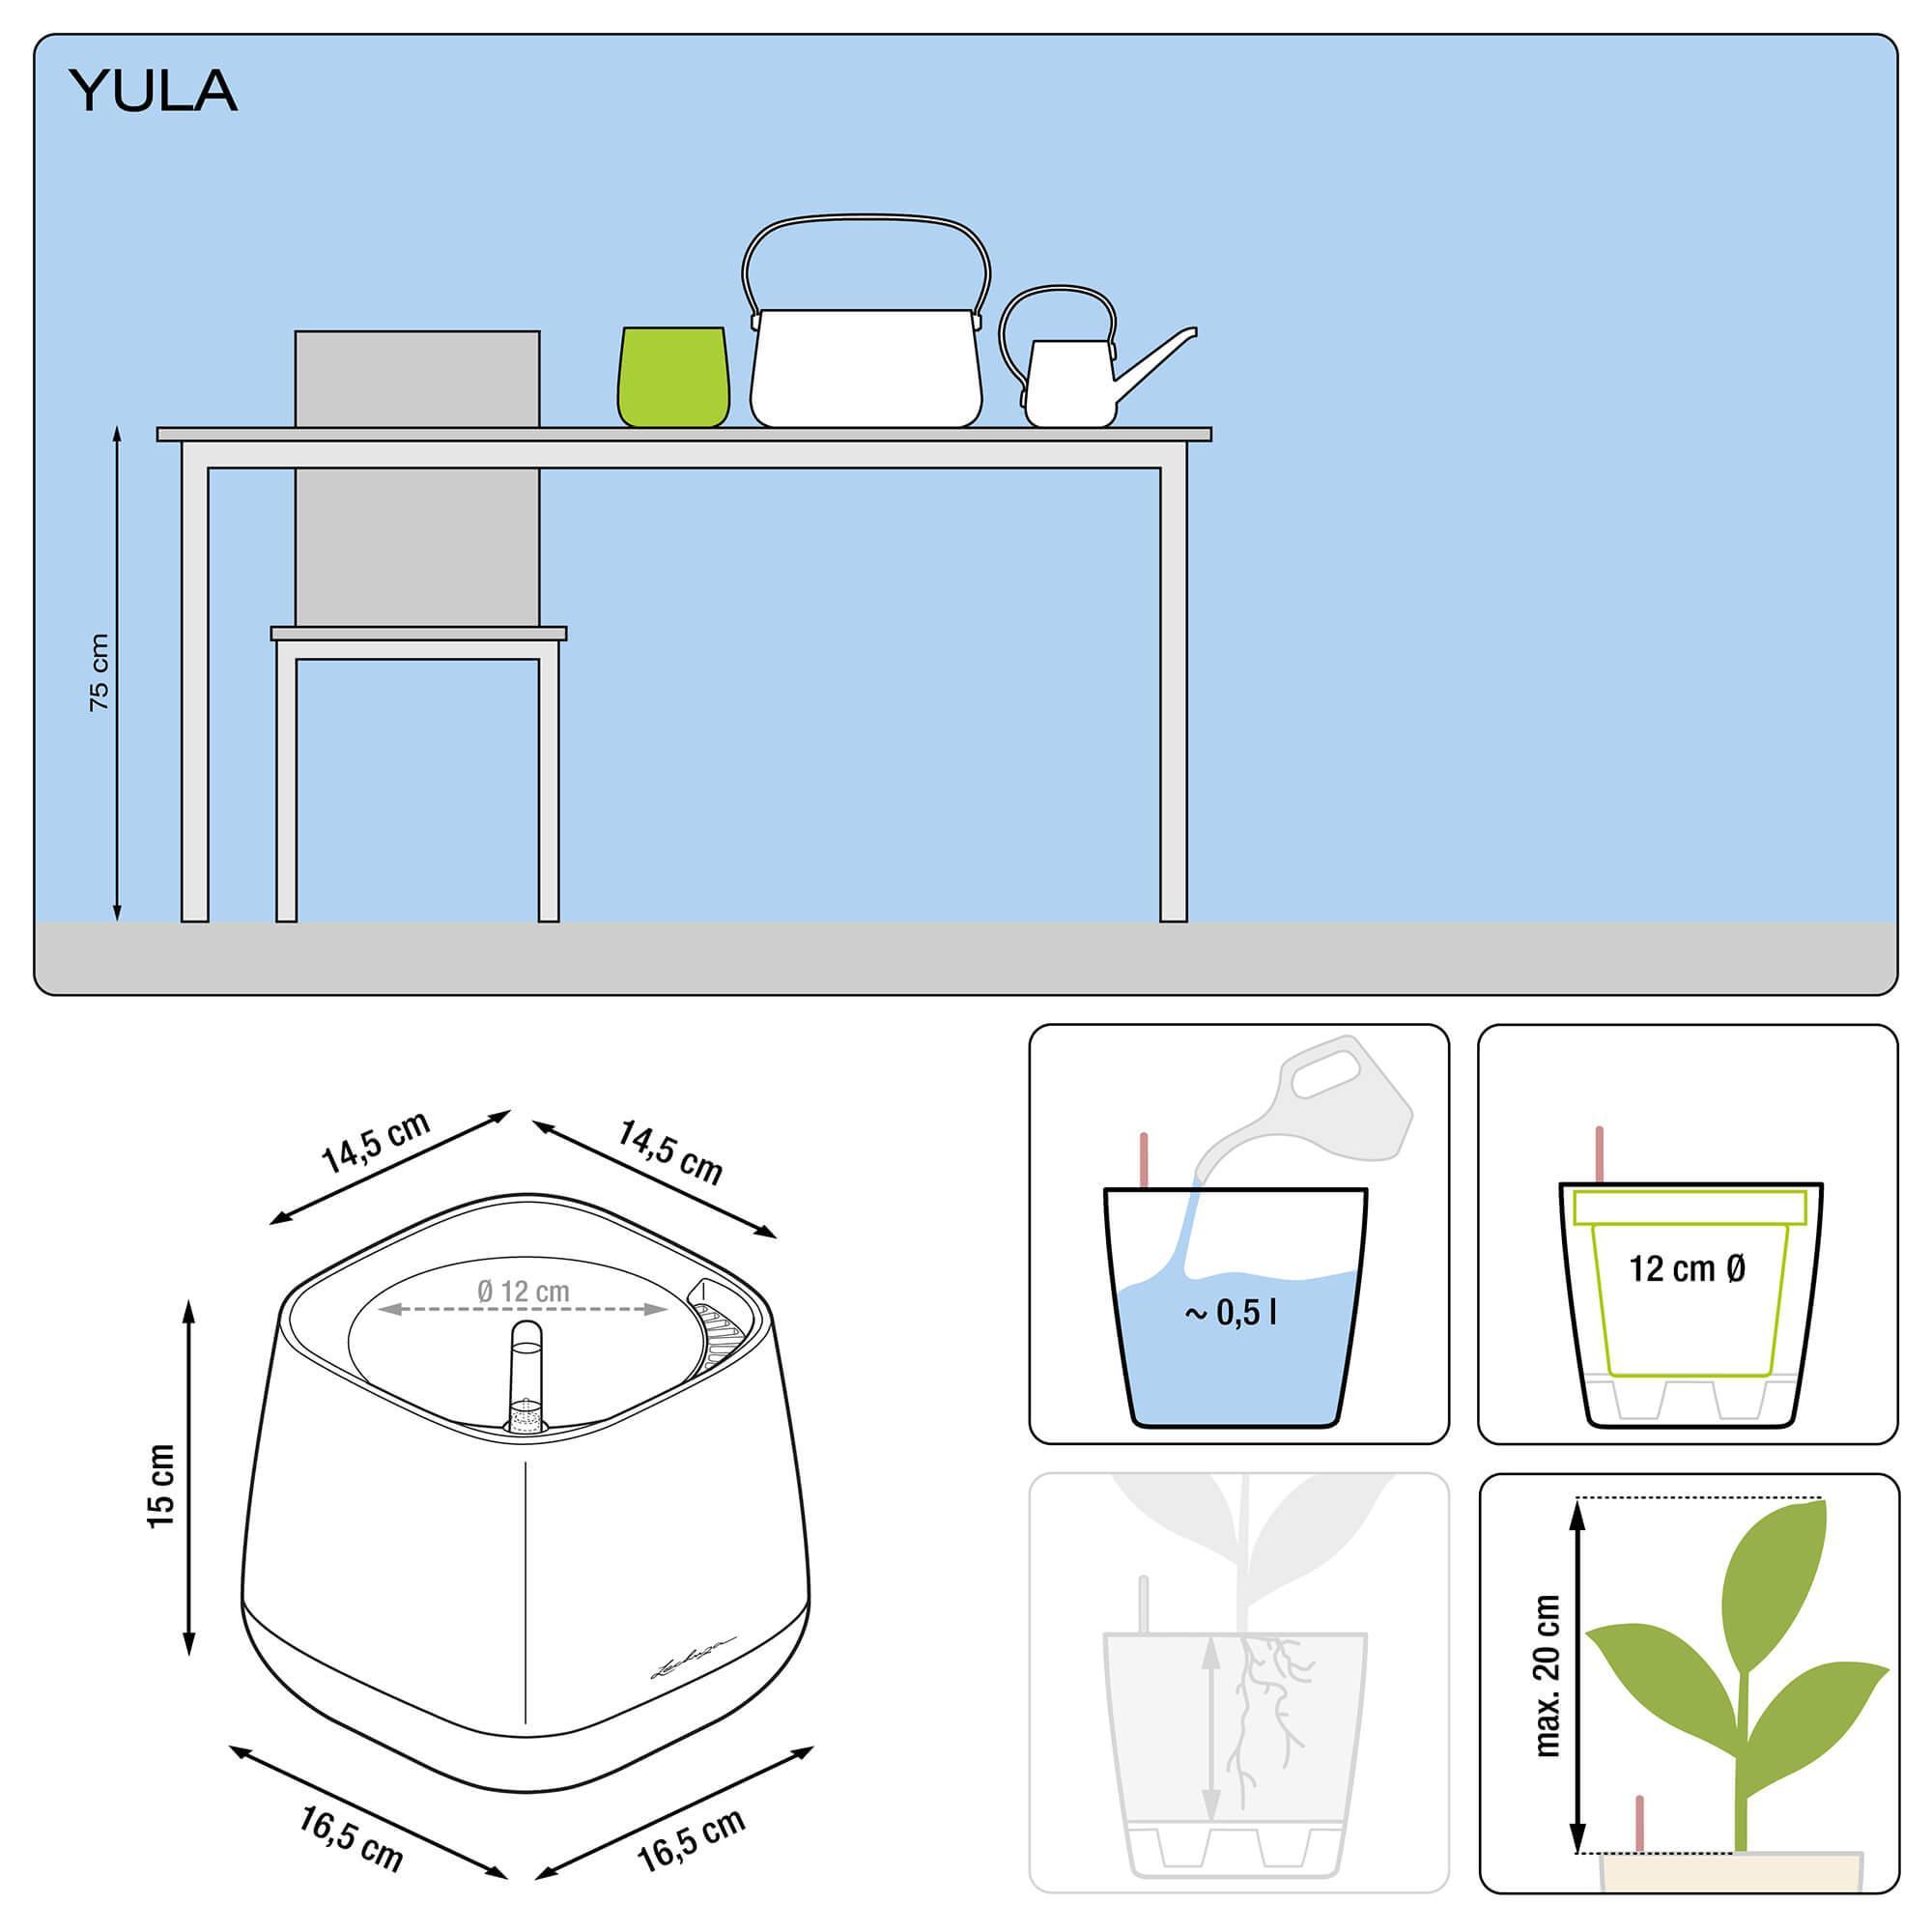 Maceta YULA blanco/verde pistacho satinado - Imagen 2